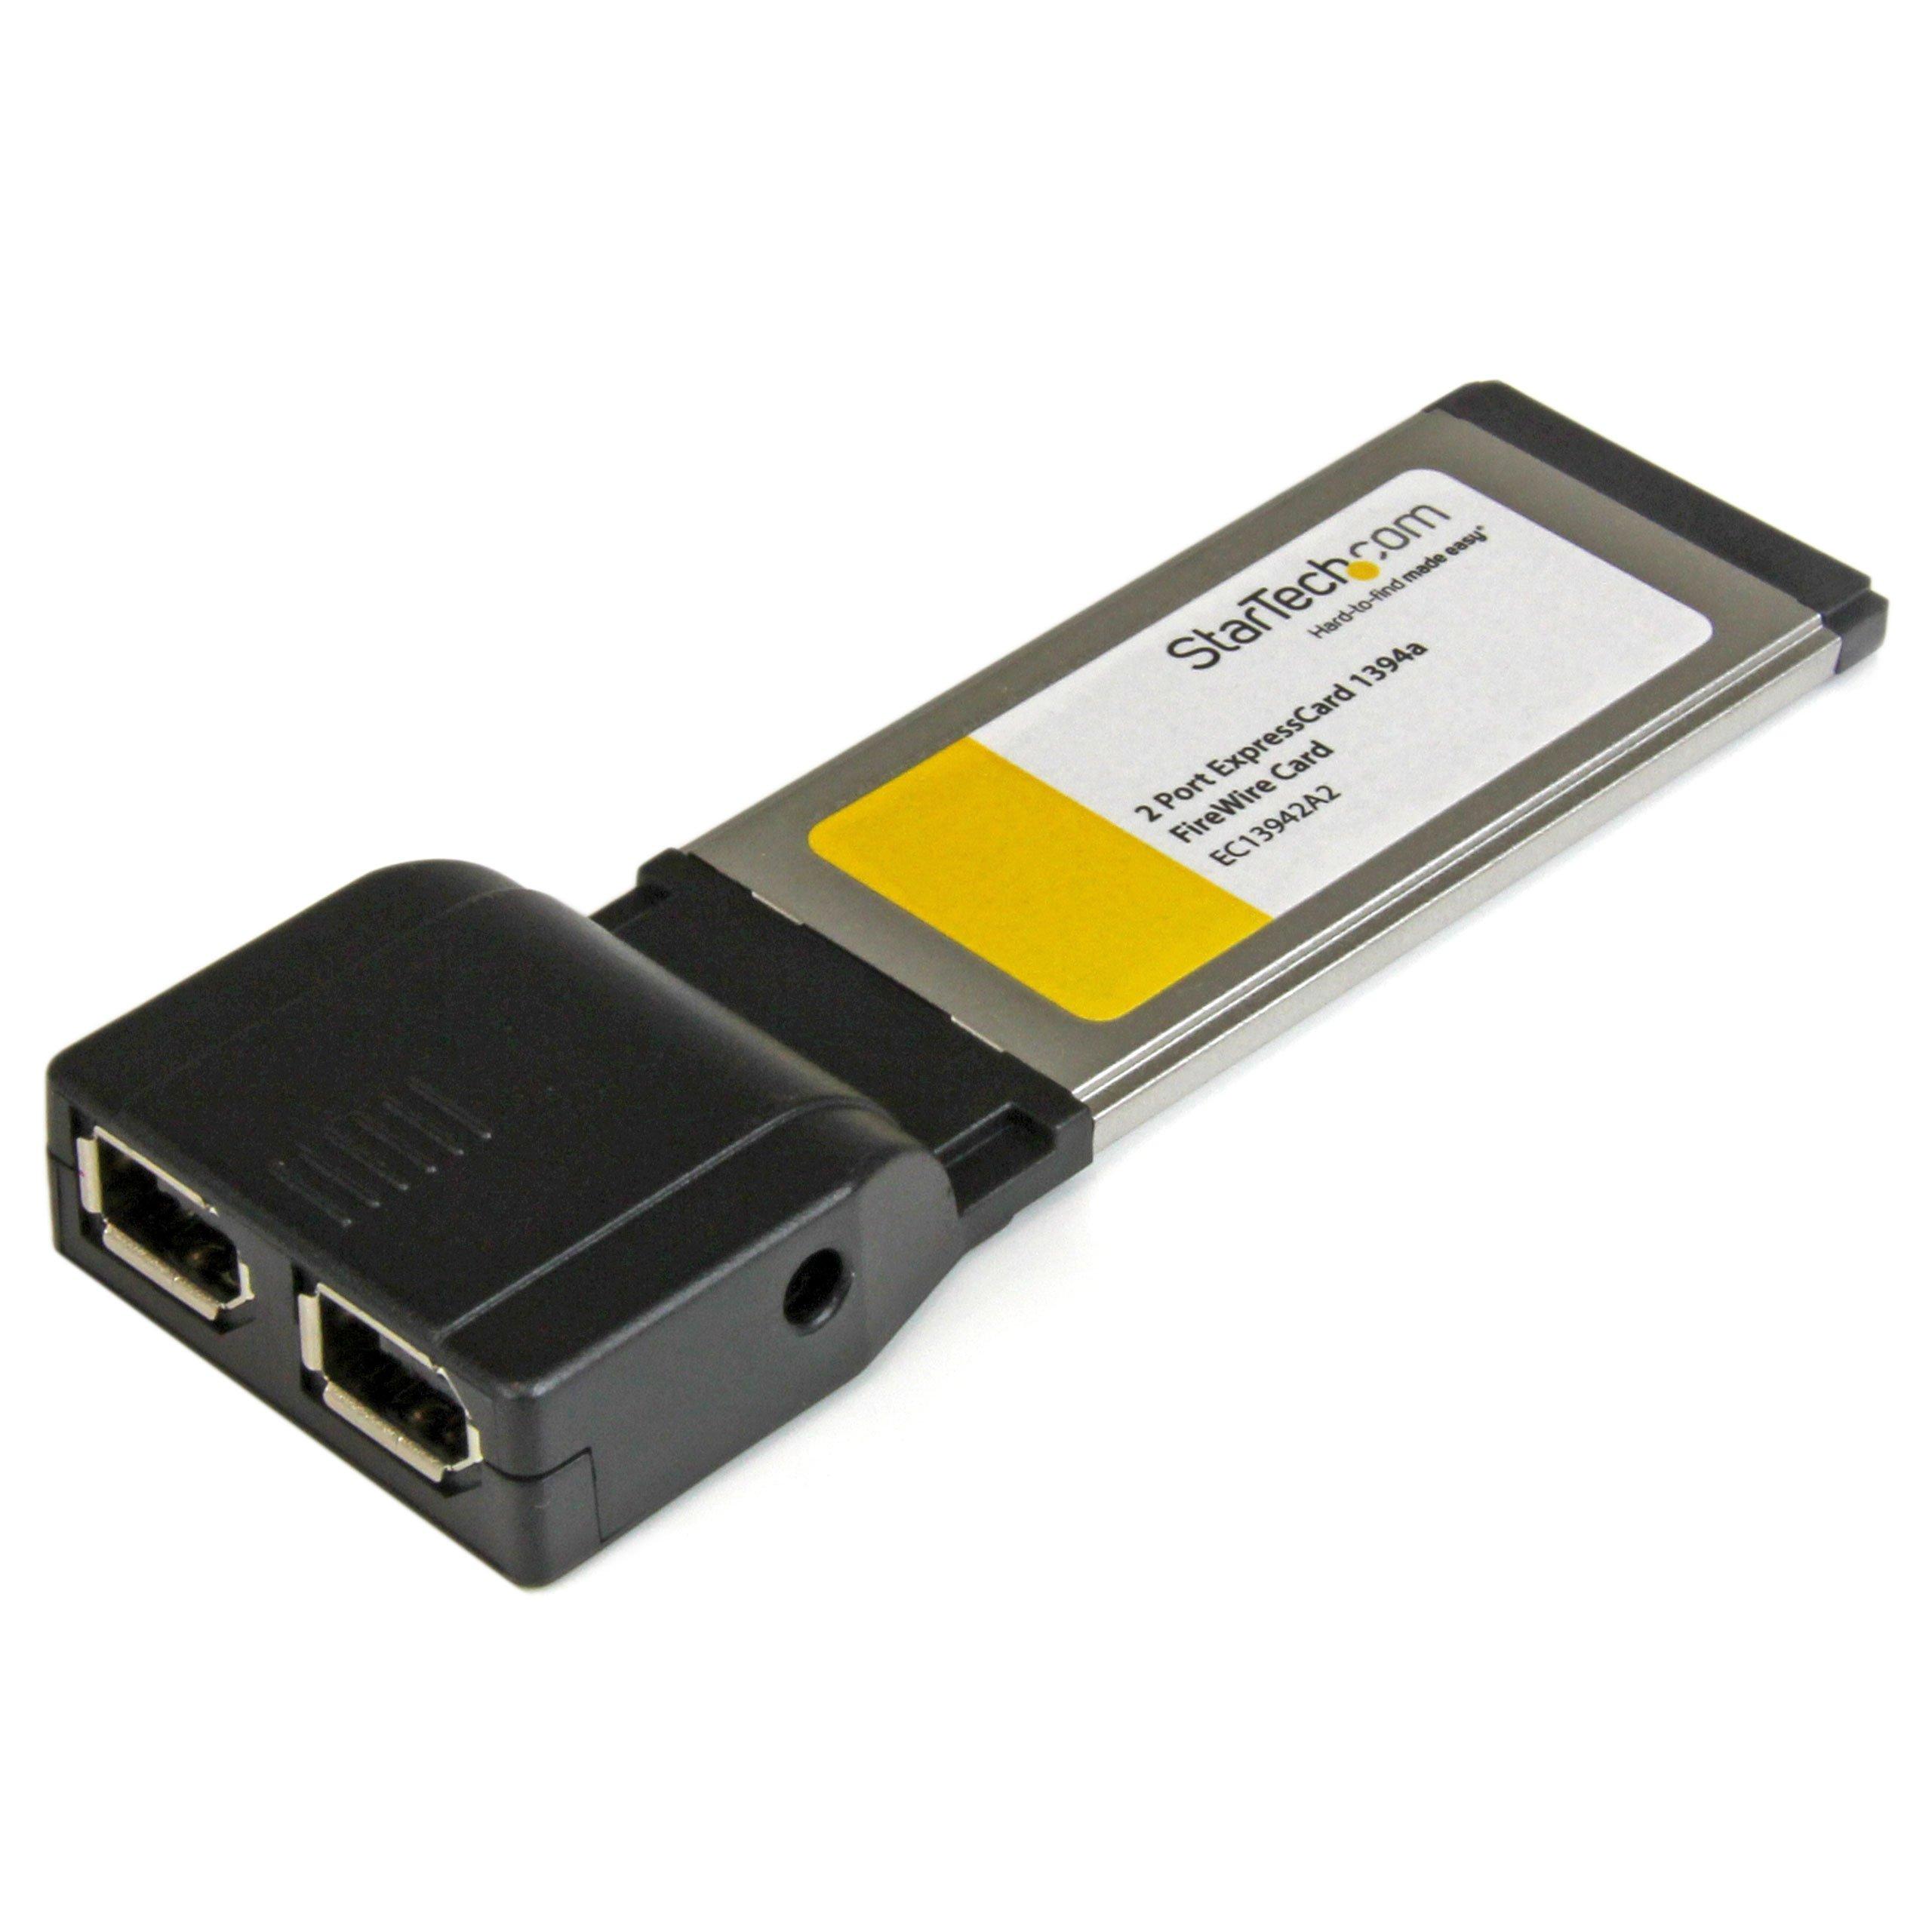 StarTech.com 2 Port ExpressCard 1394a FireWire Laptop Adapter Card - Dual Port ExpressCard 1394a Laptop FireWird Card (EC13942A2) by StarTech